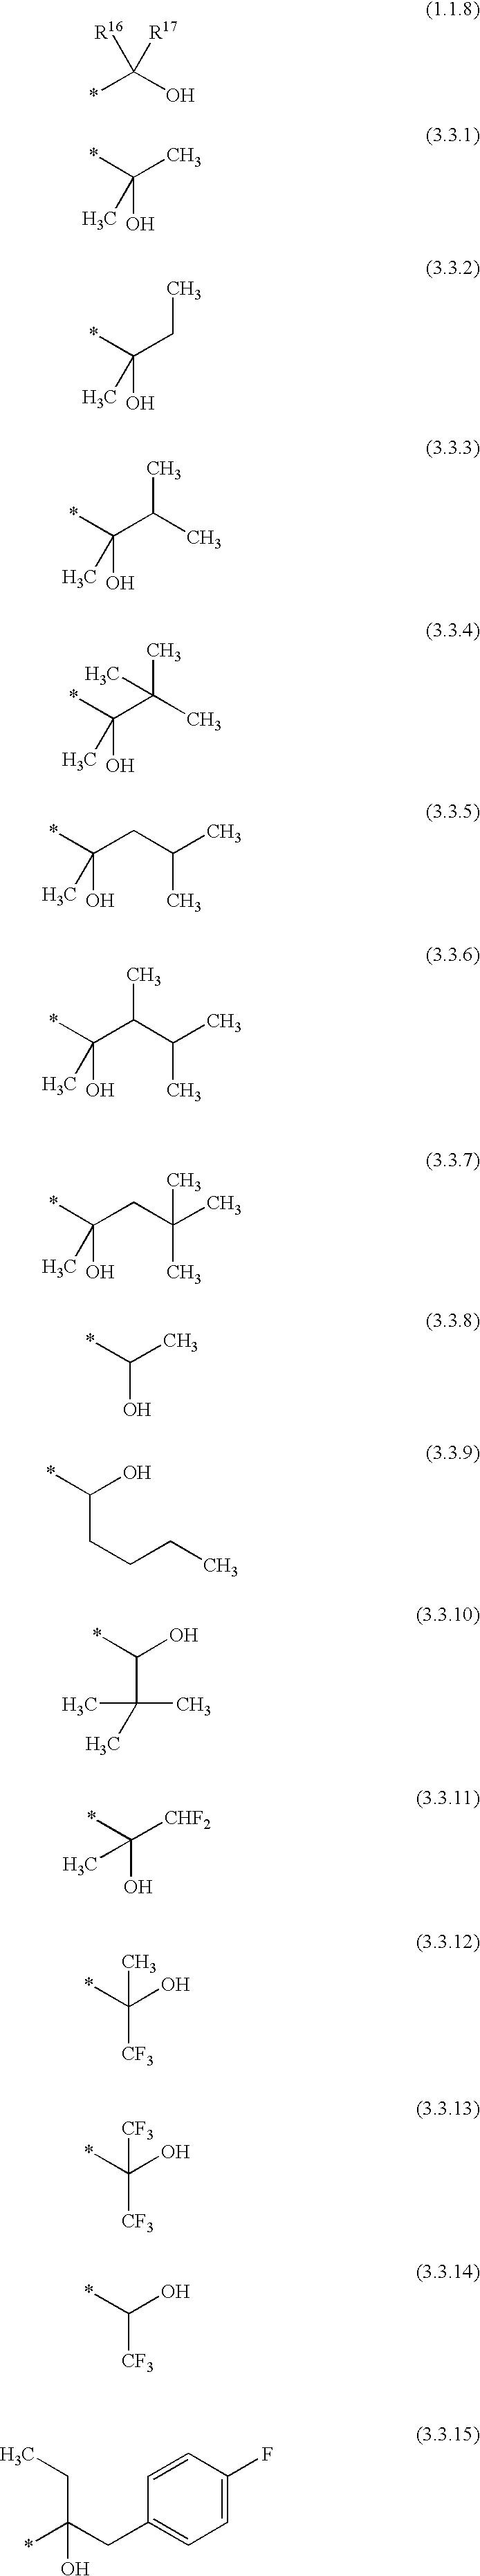 Figure US20020123520A1-20020905-C00105